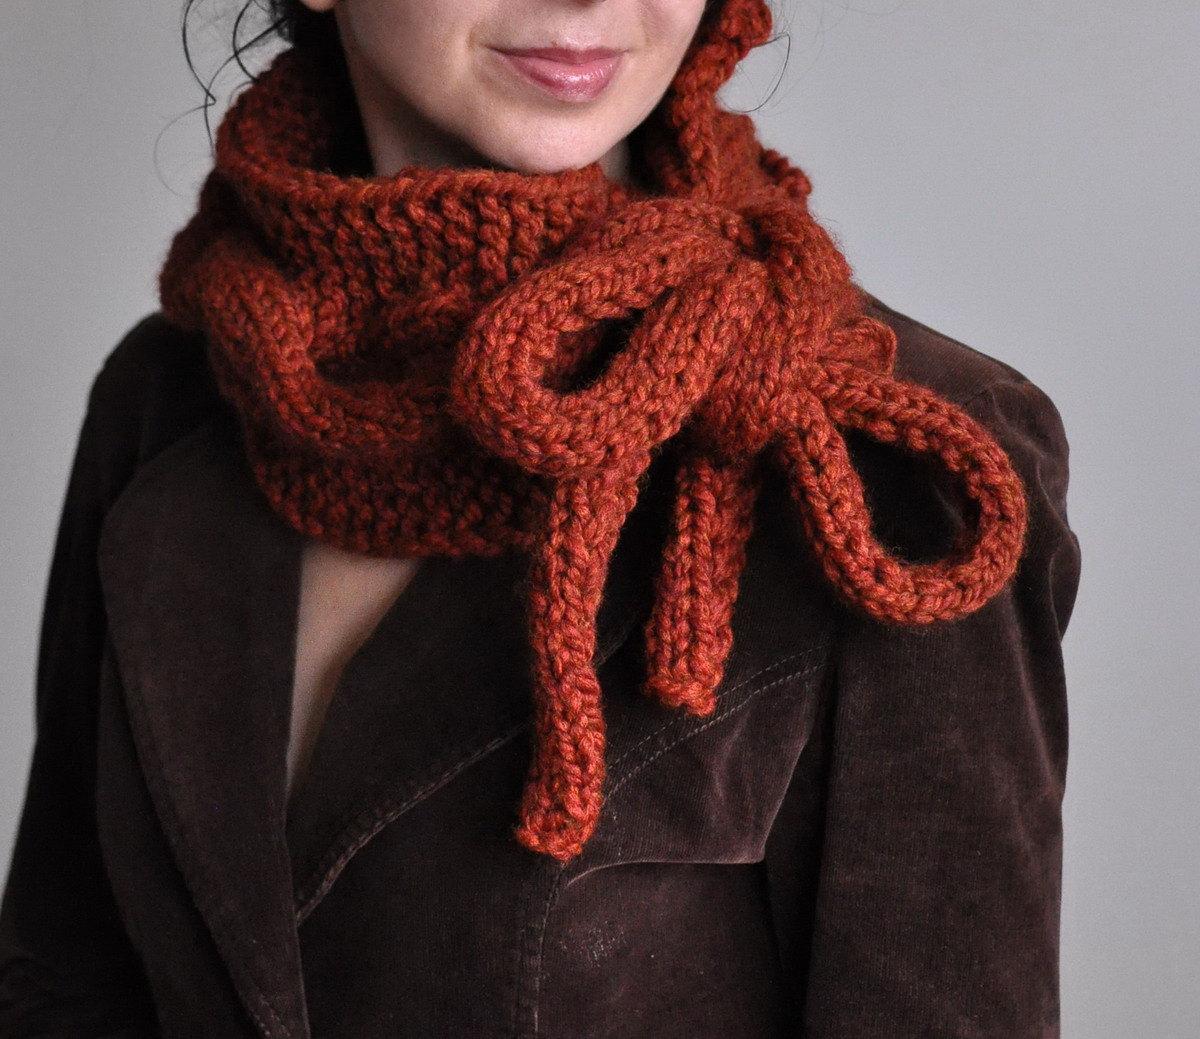 Collane di lana cotta fai da te: come farle in casa ...